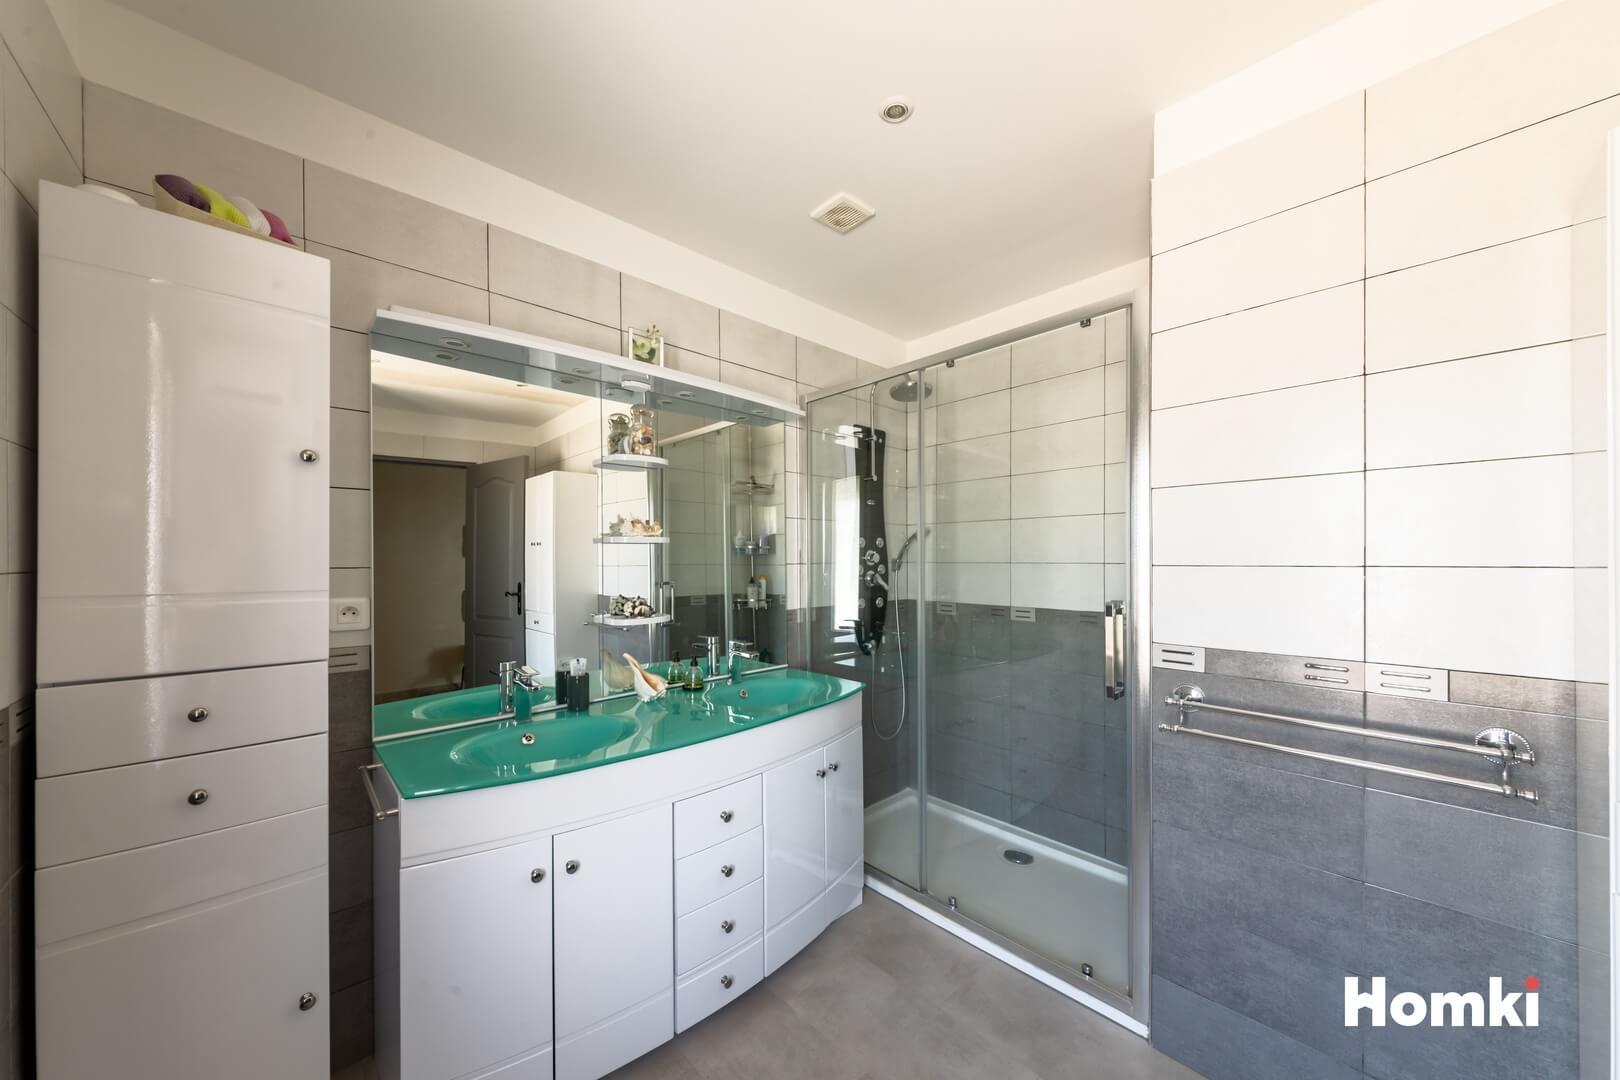 Homki - Vente Maison/villa  de 170.0 m² à Marseille 13013